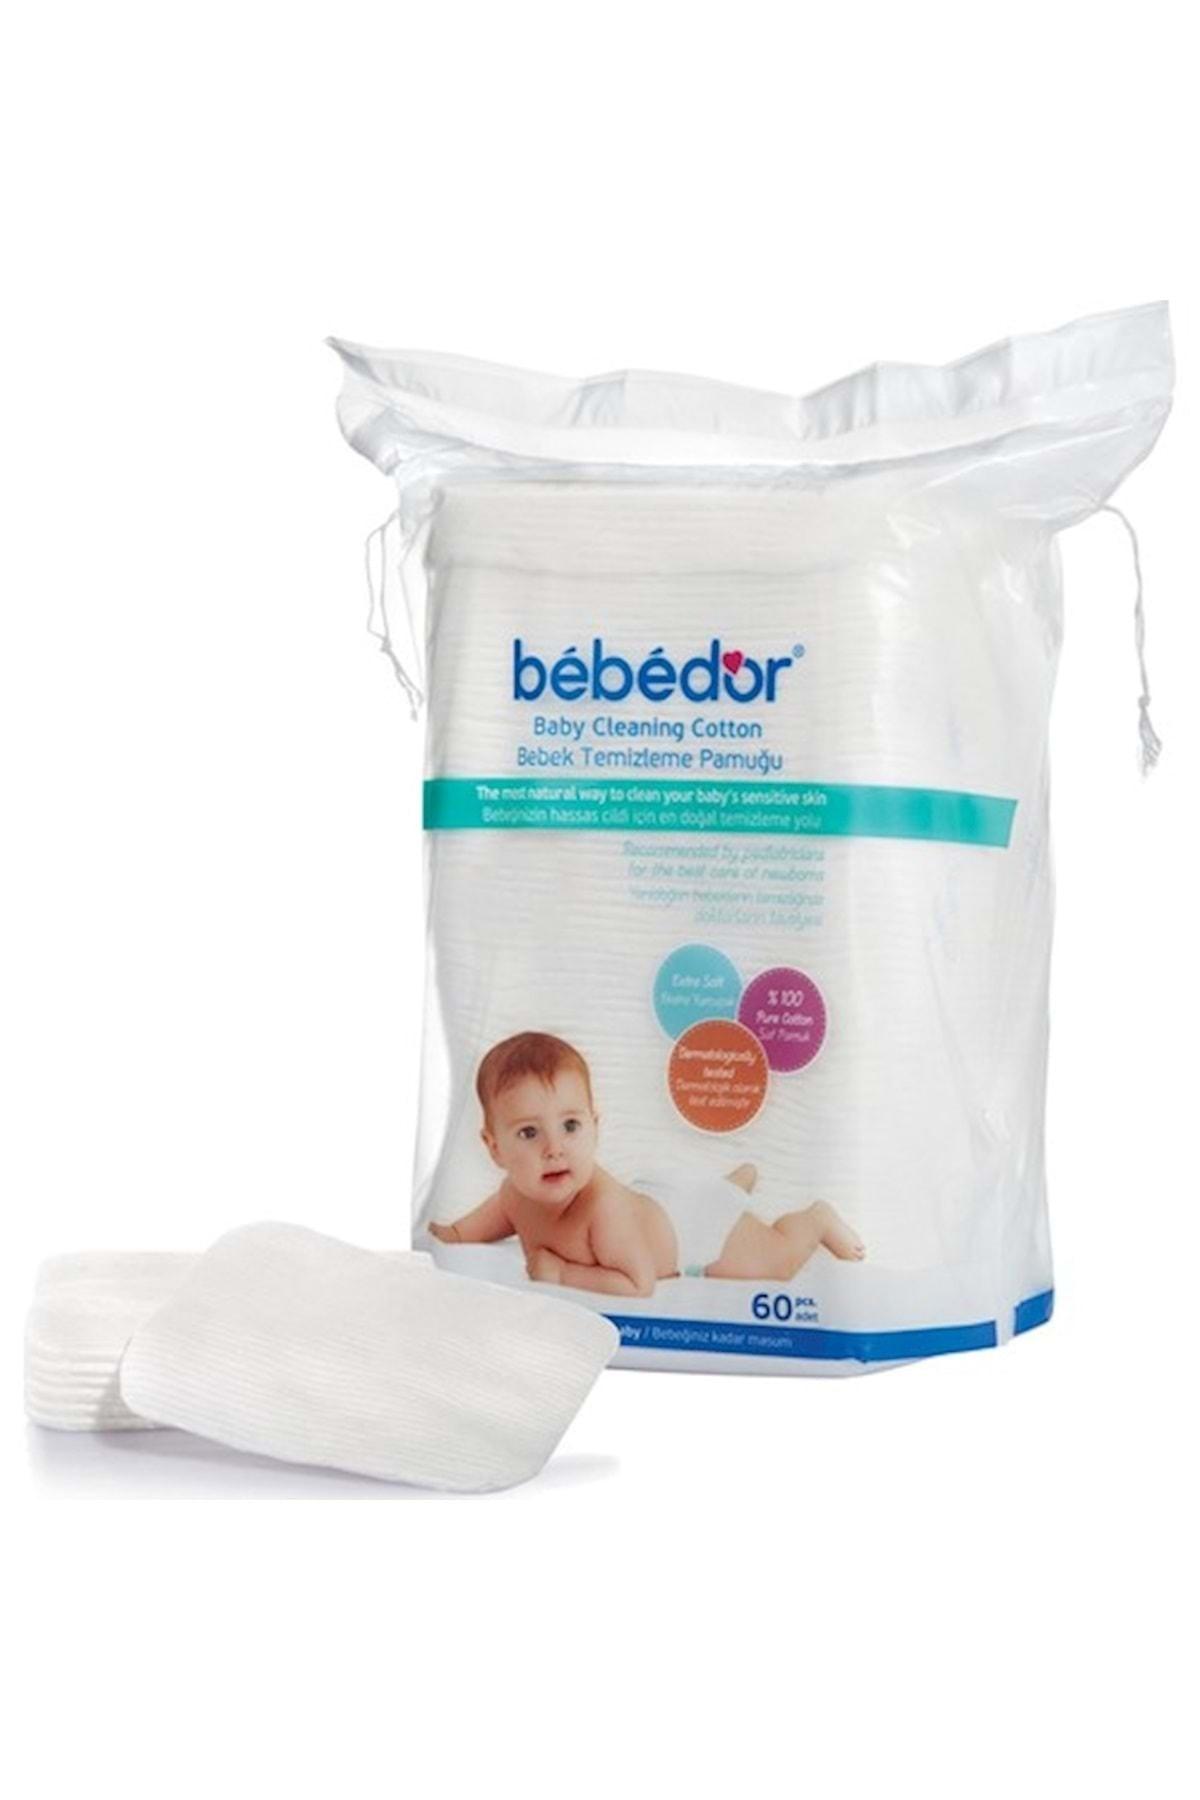 Bebedor Bebek Temizleme Pamuğu 60 Adet Tekli Paketi 1